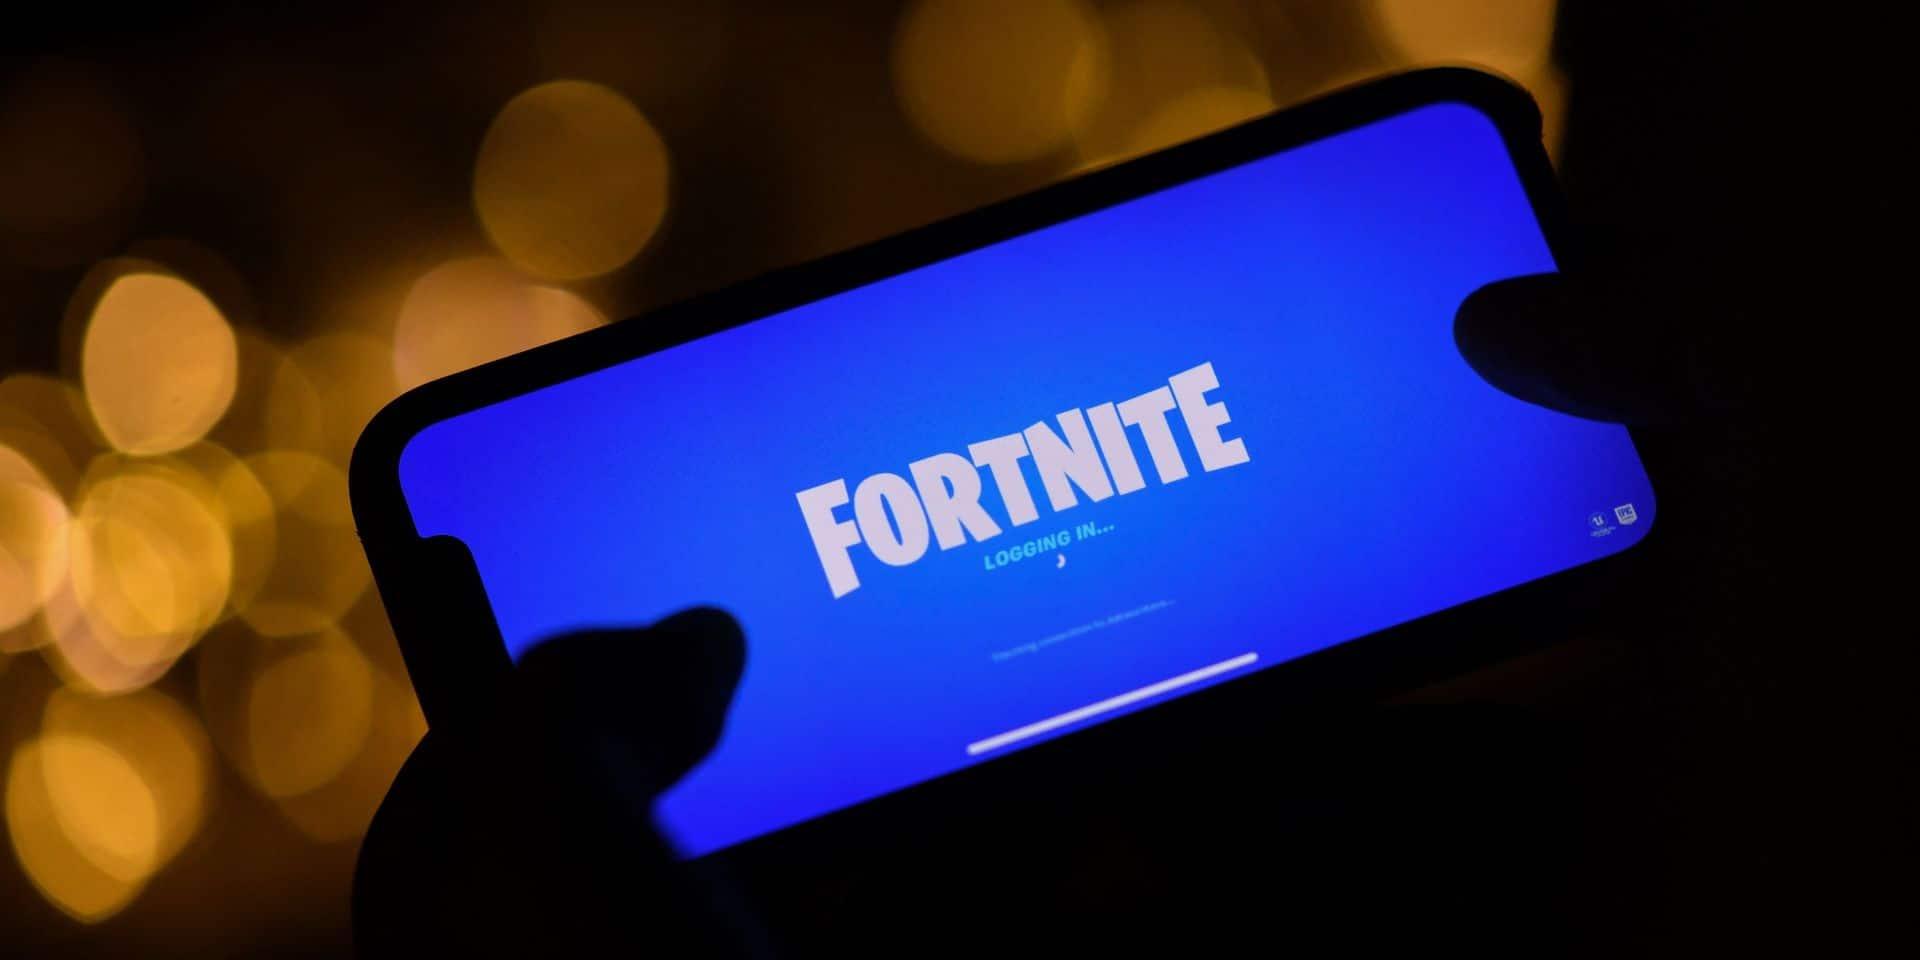 Les chiffres fous de Fortnite : plus de 9 milliards de dollars rapportés en deux ans